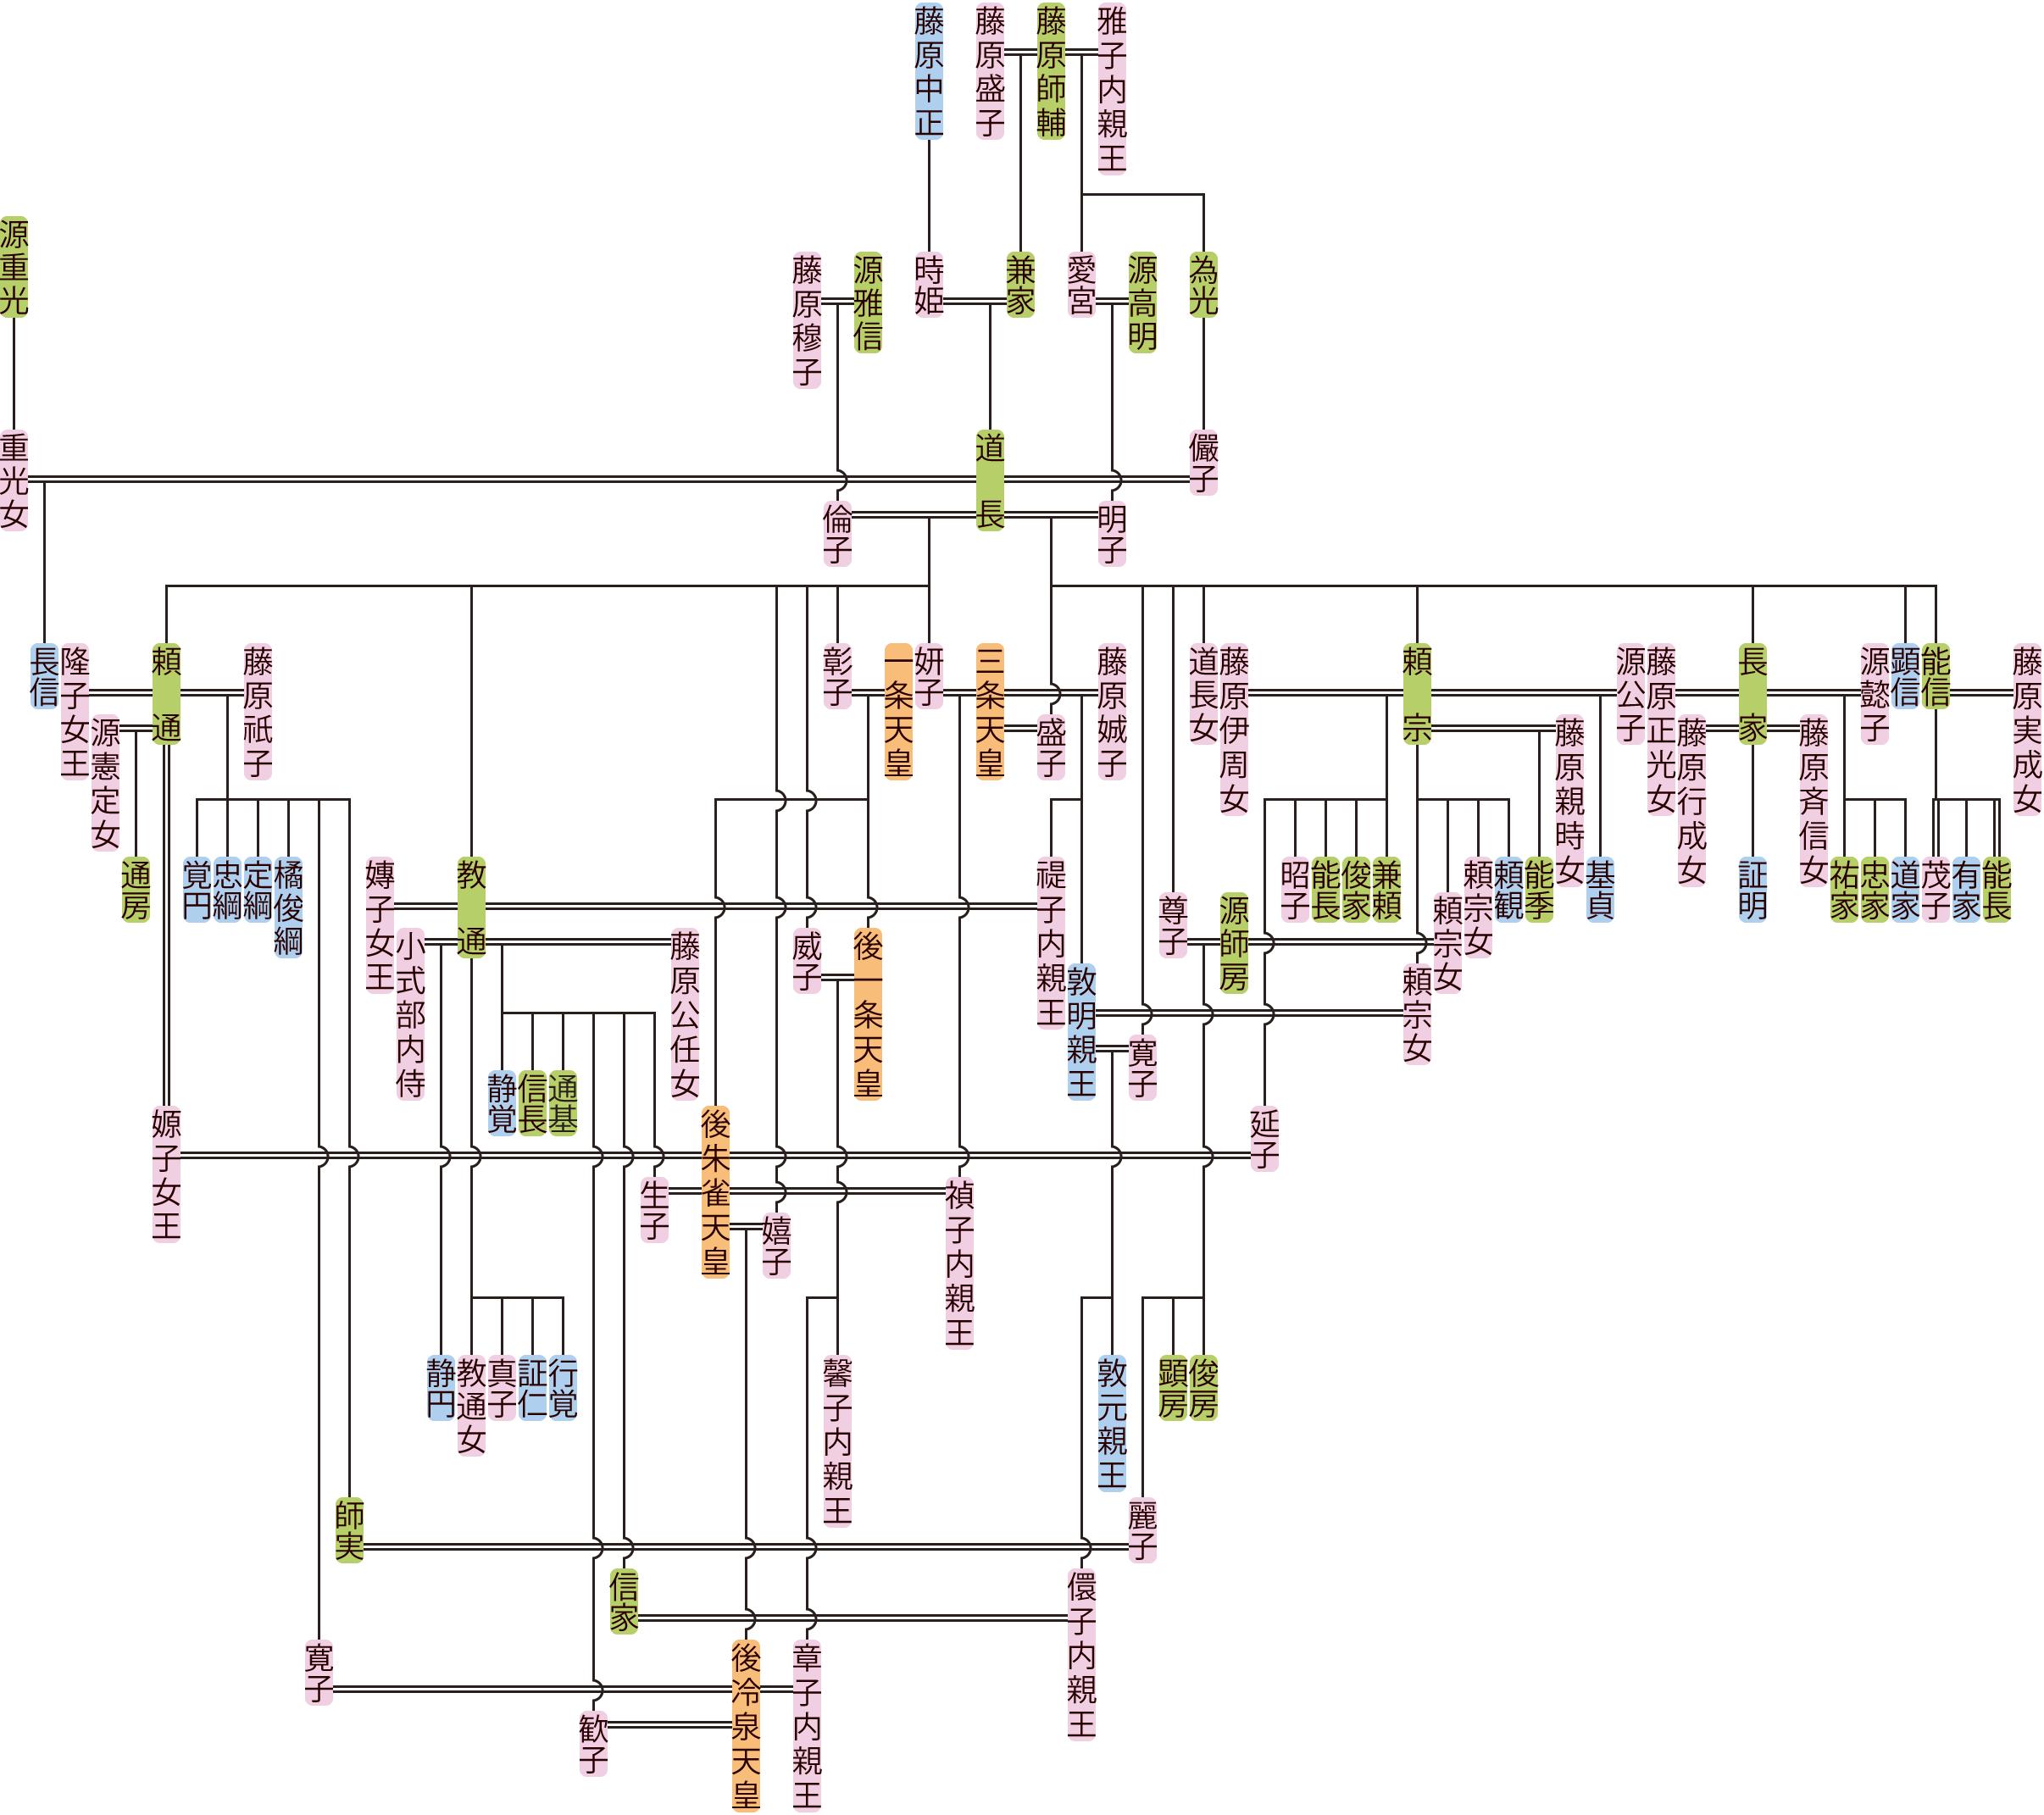 藤原道長の系図